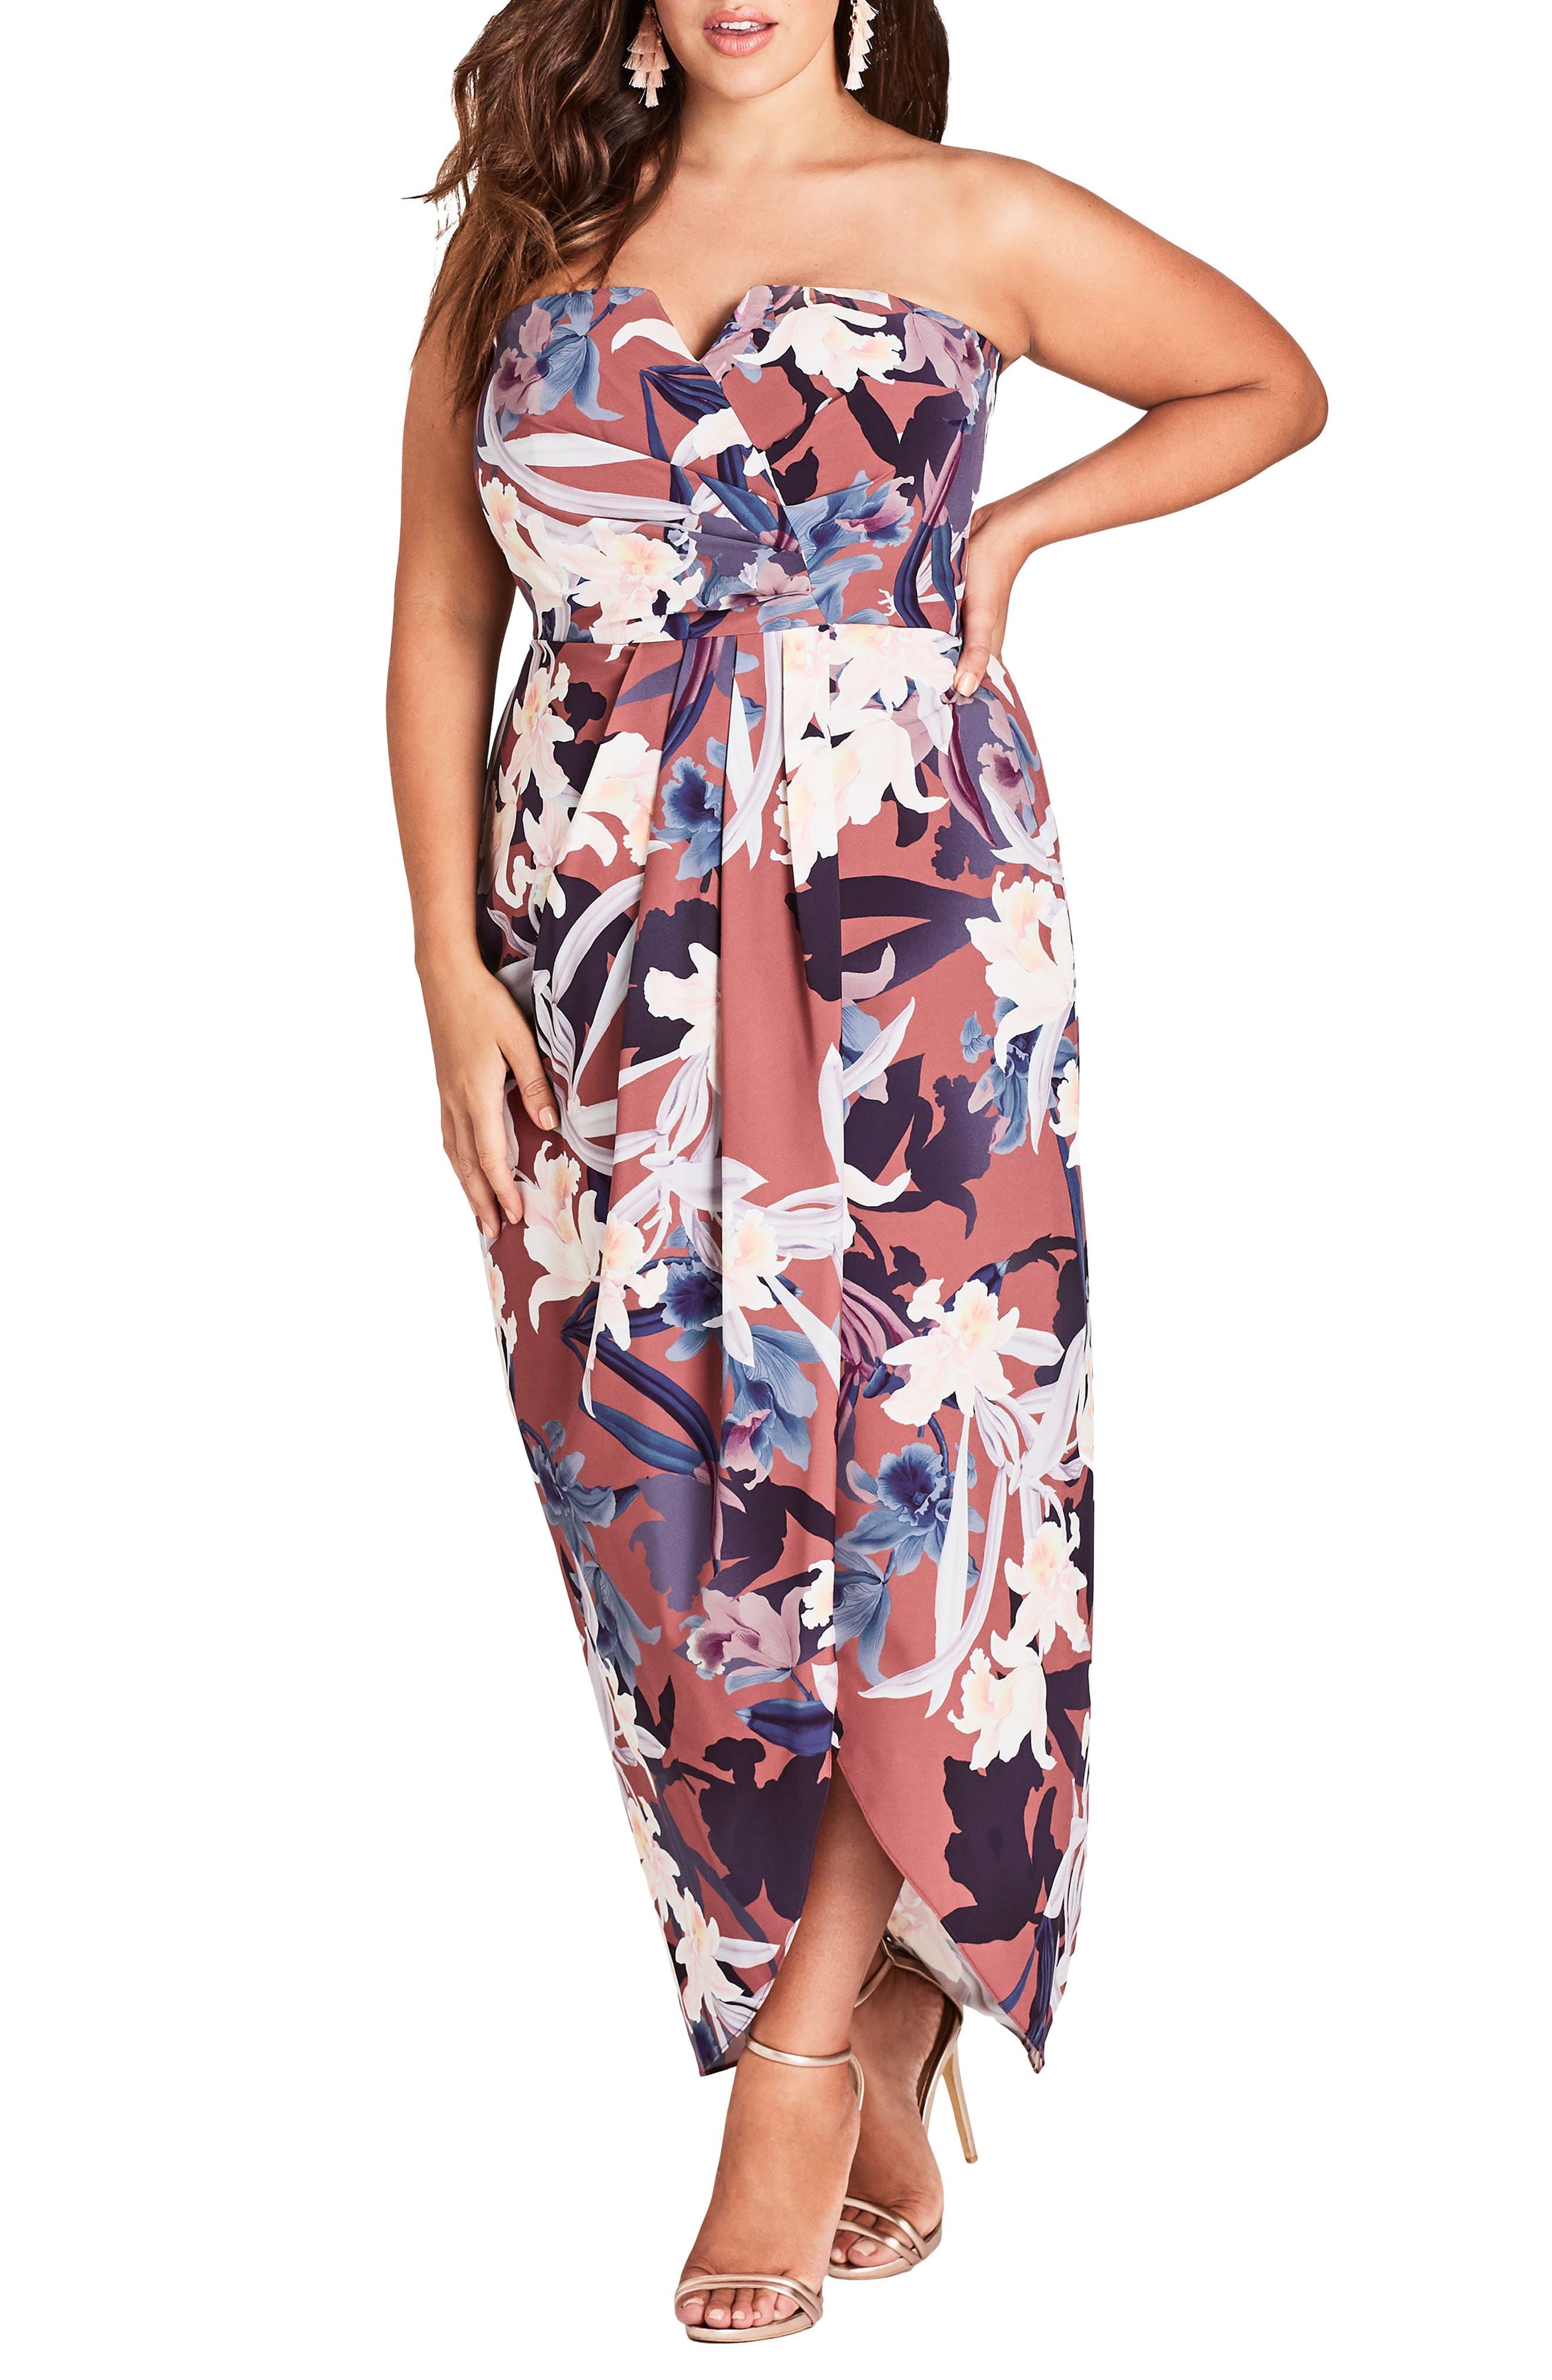 Lavish Floral Strapless Dress,                             Main thumbnail 1, color,                             Lavish Floral